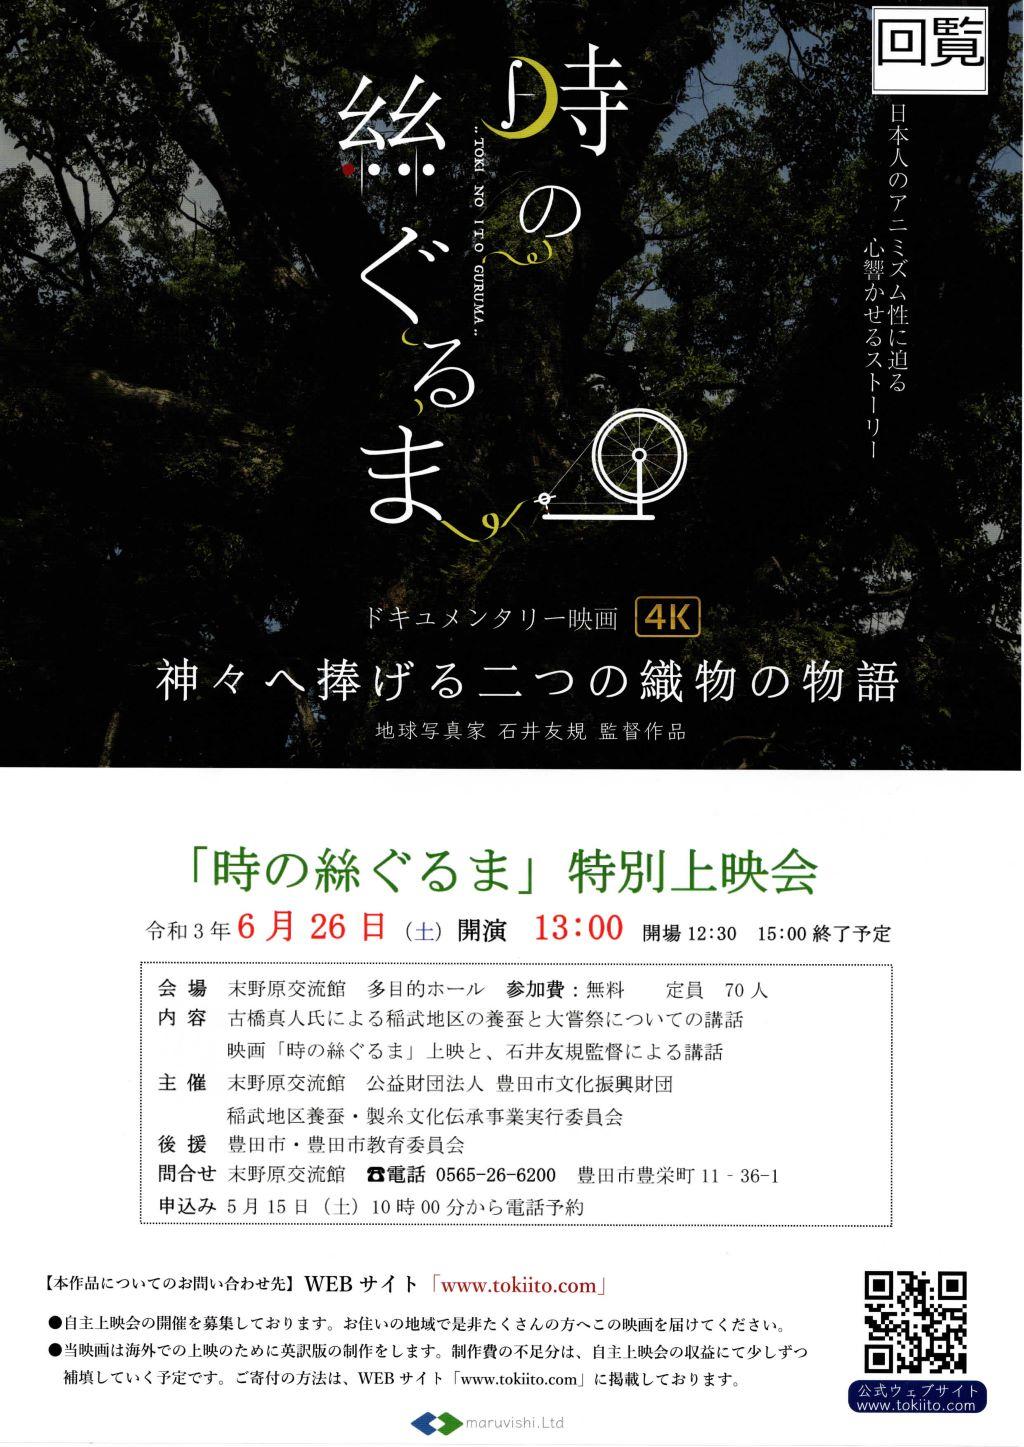 tokinoitoguruma_suenohara